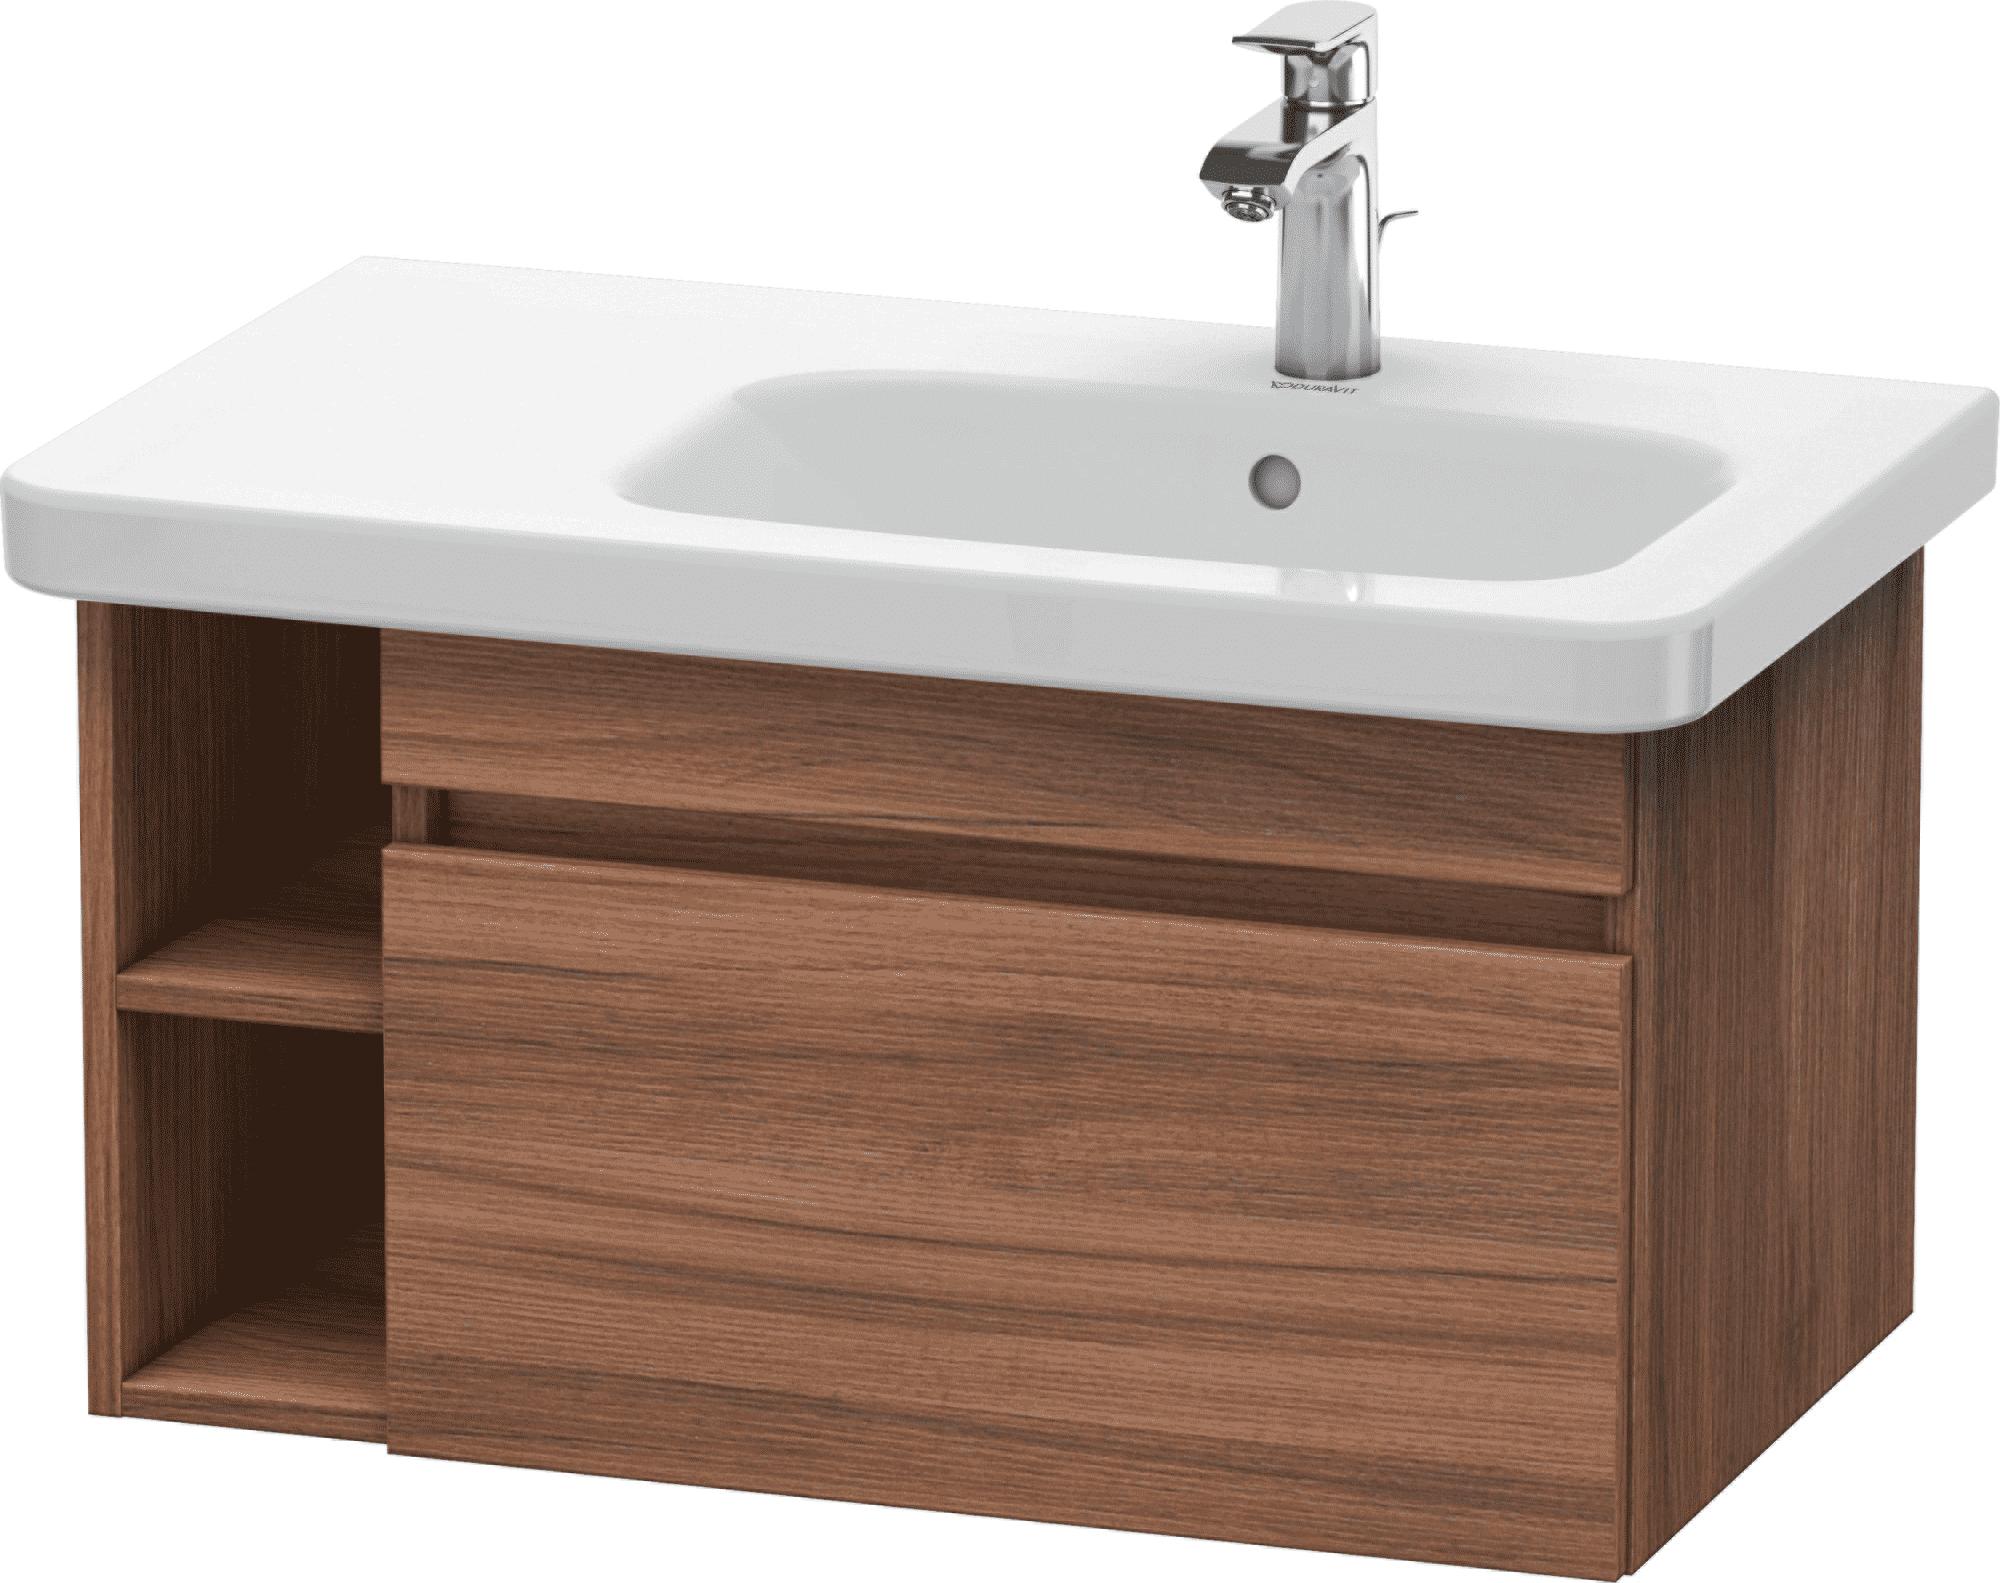 Duravit DuraStyle - Meuble sous lavabo avec 1 tiroir et étagère à gauche 730x398x448mm chêne foncé brossé placage bois/chêne foncé brossé placage bois